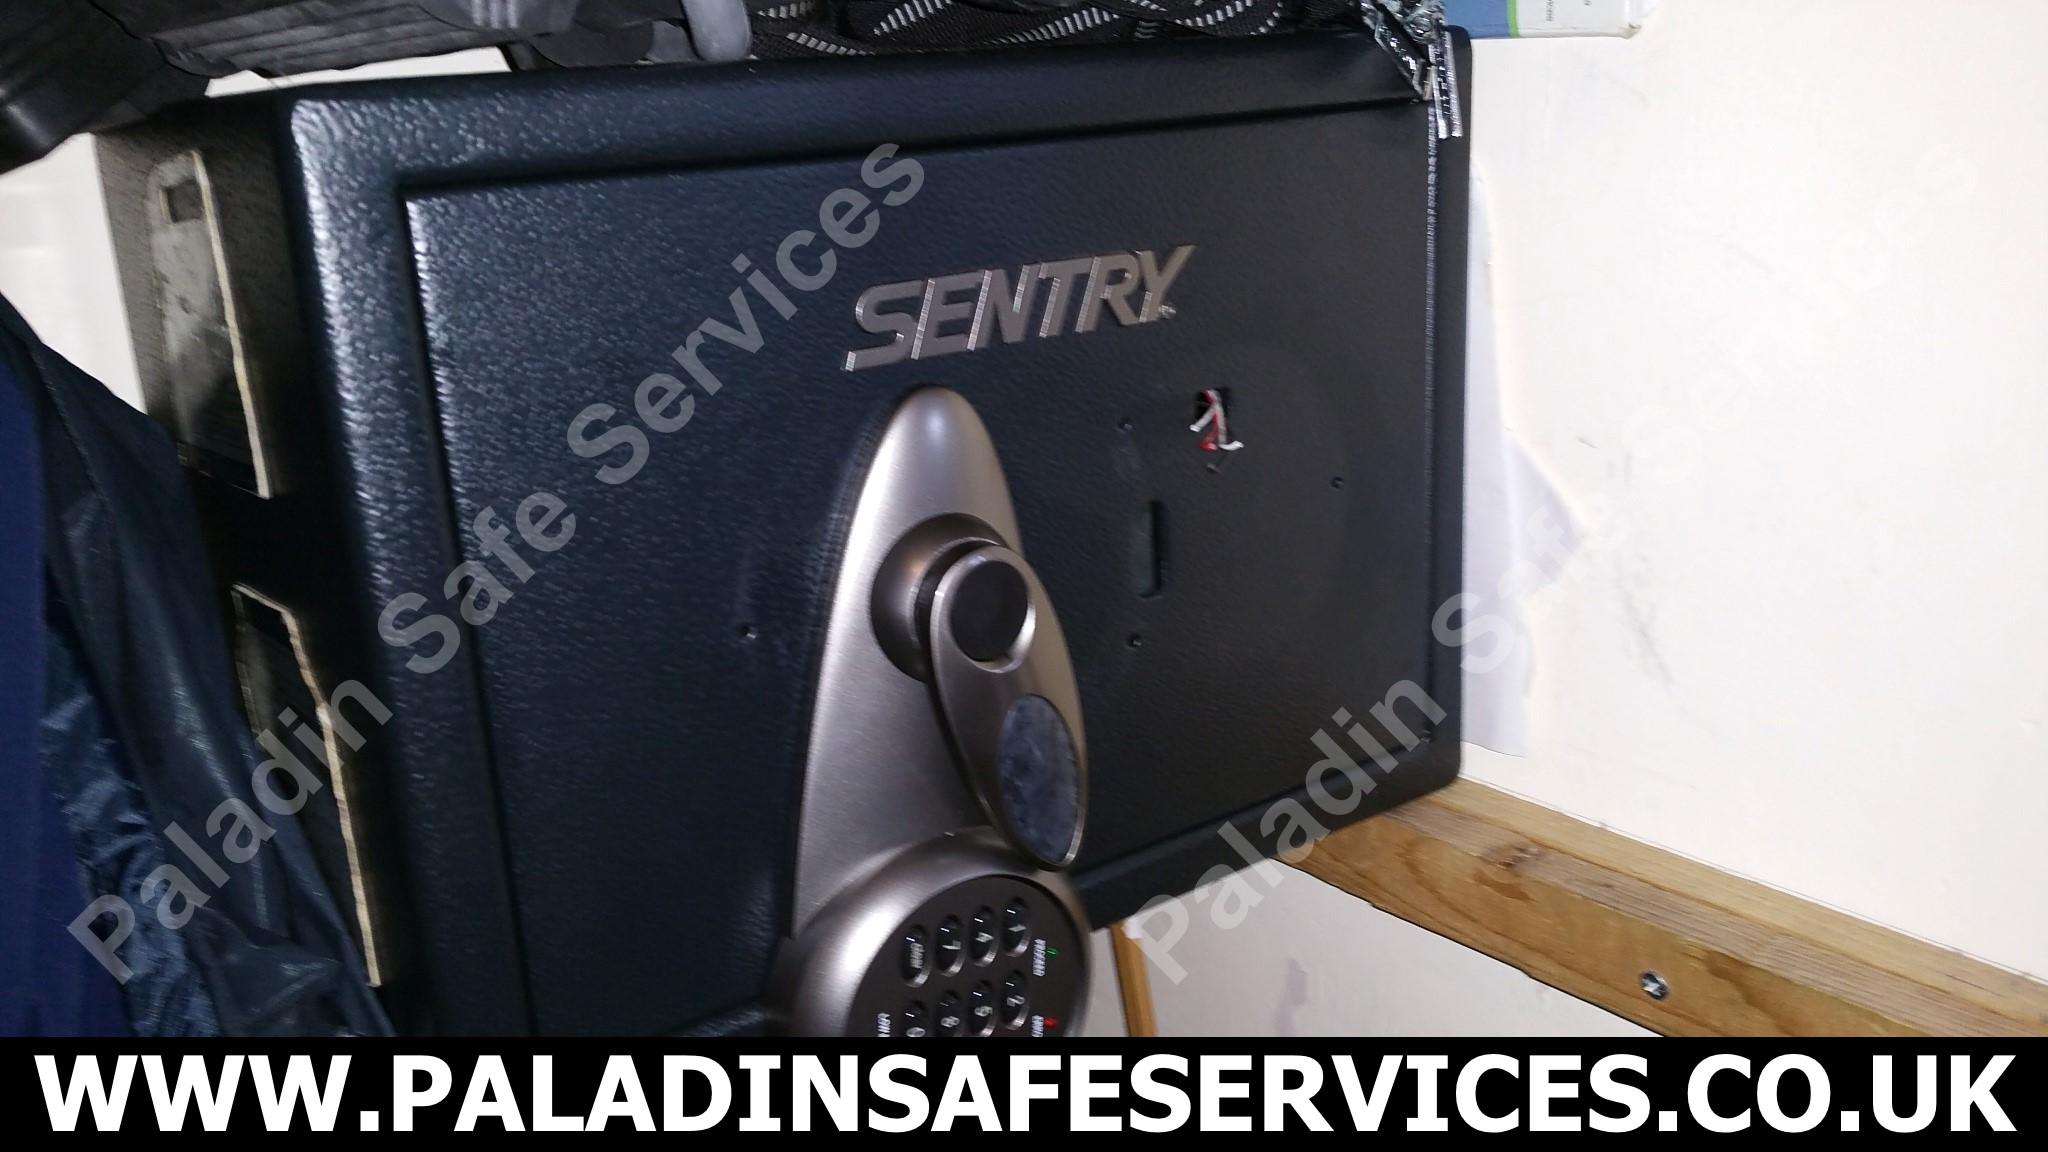 Sentry T2-330 Lost Keys